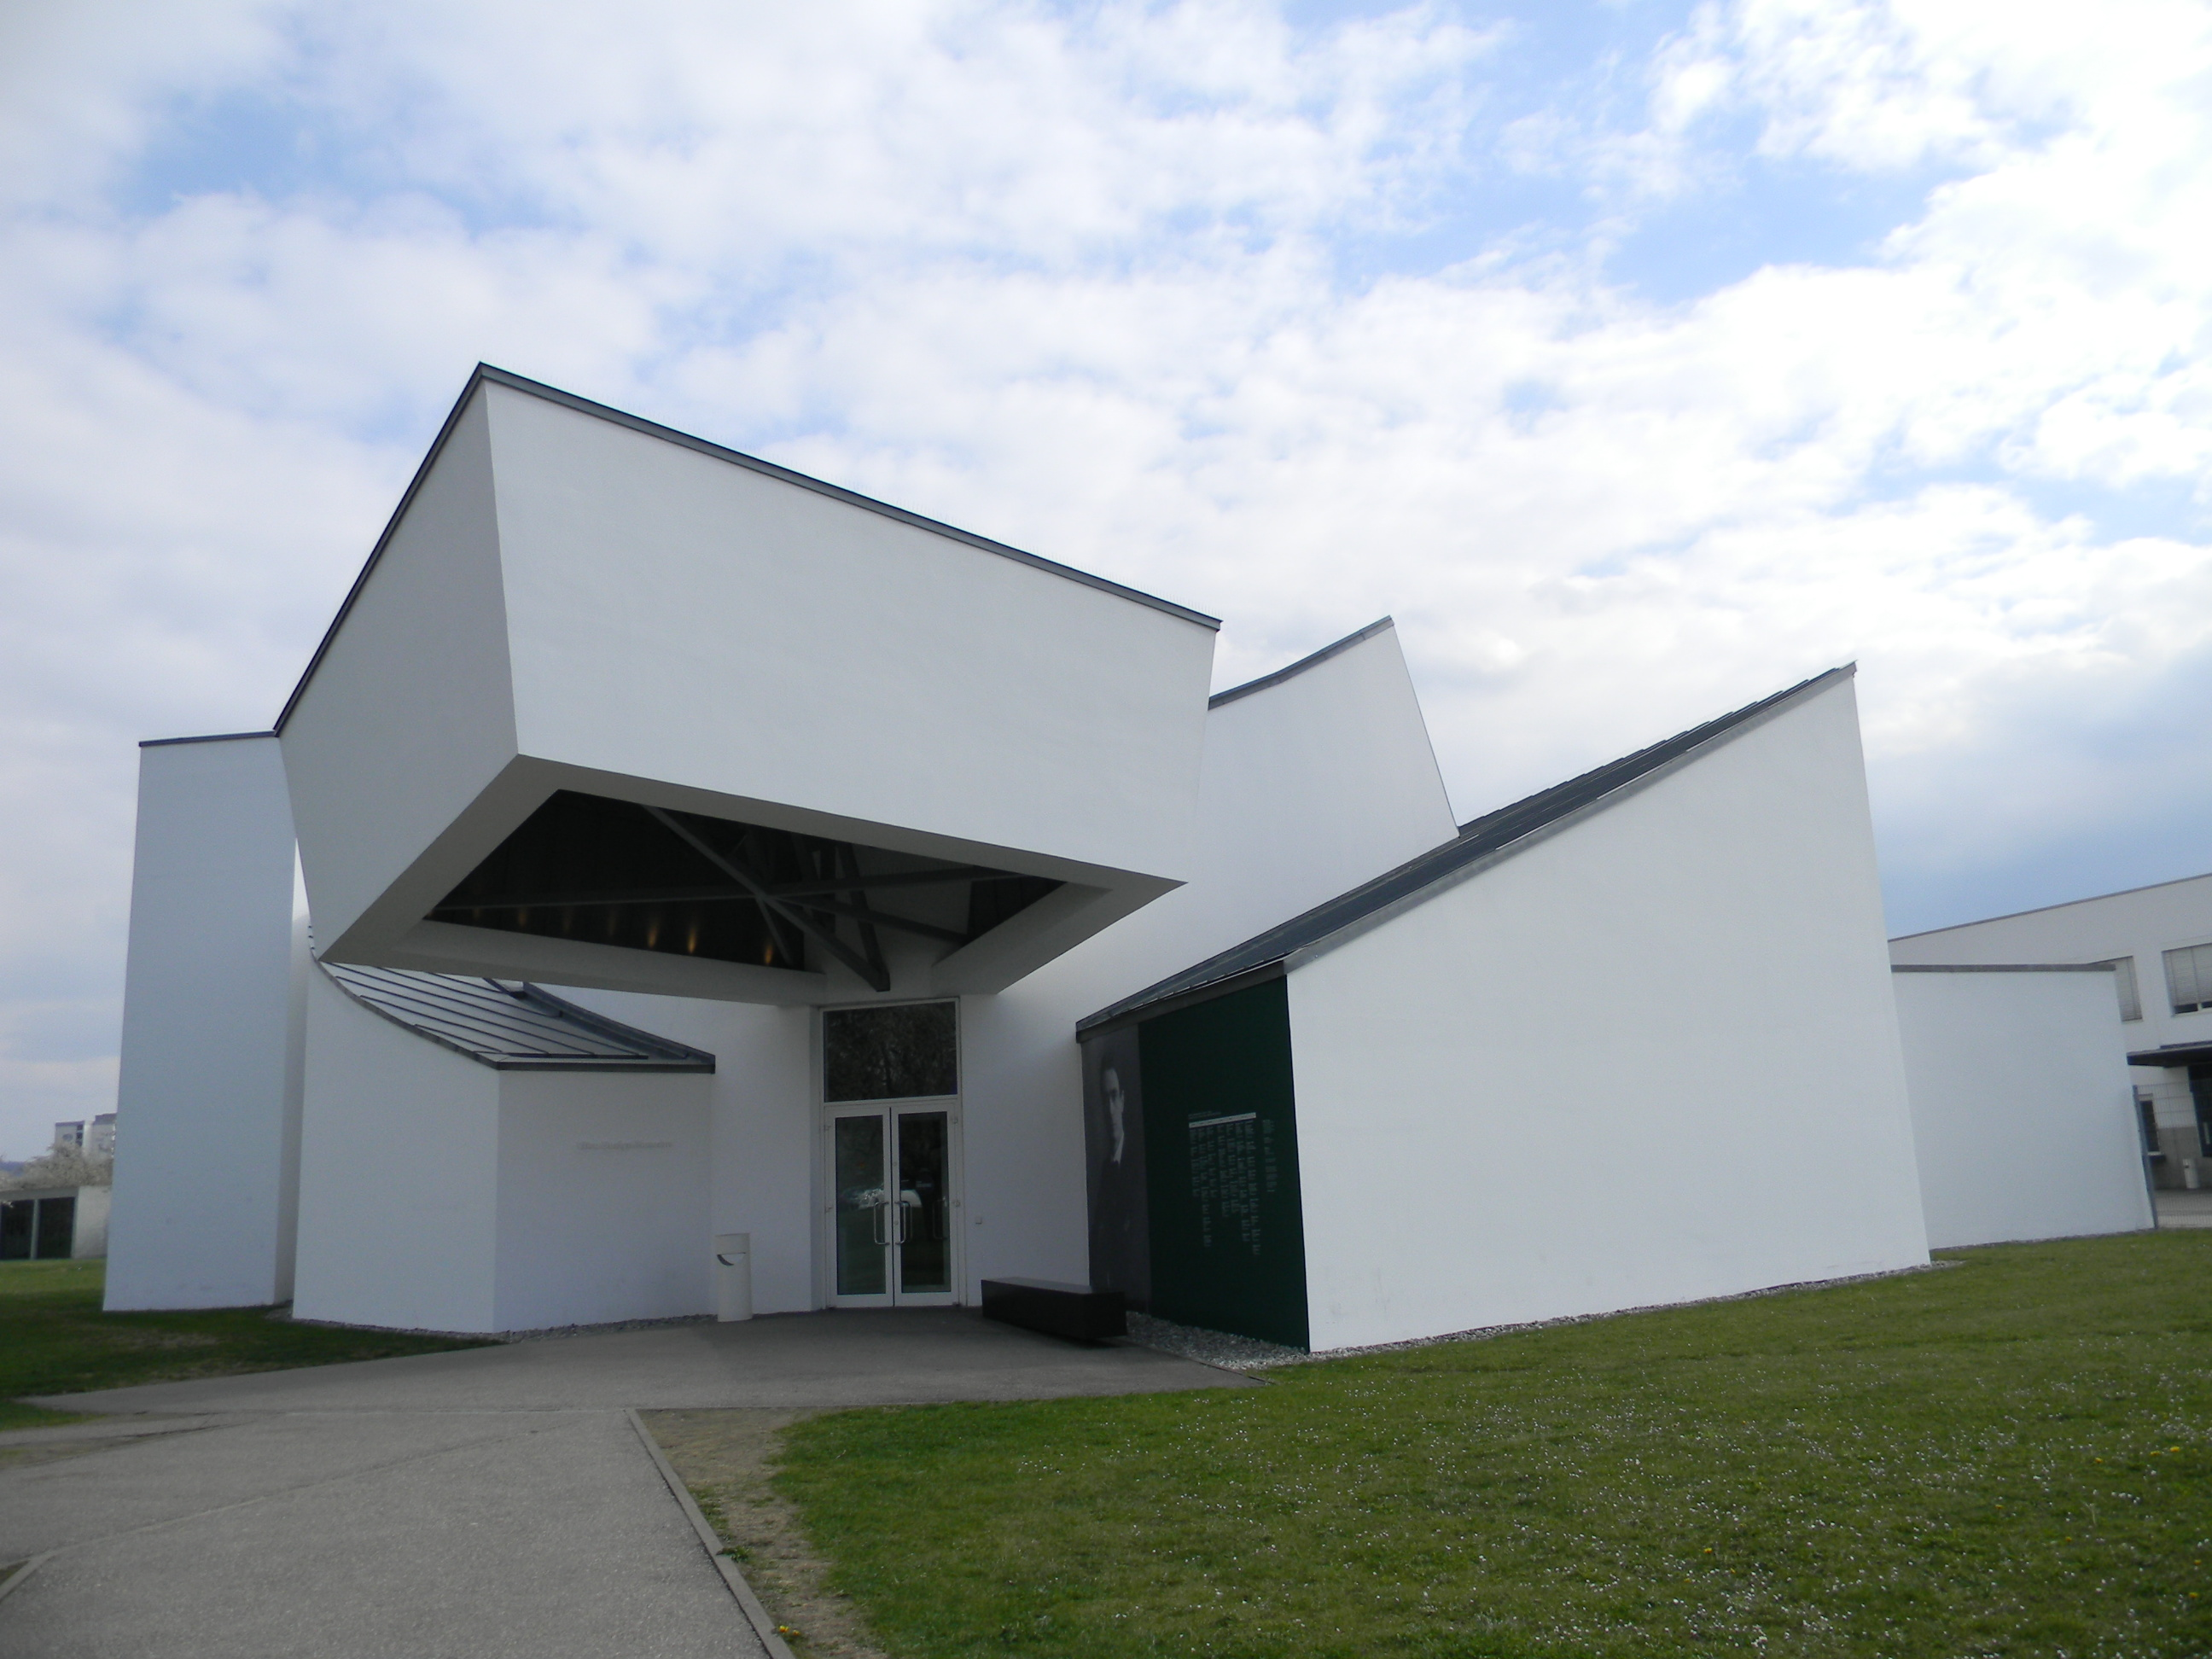 Lo stupore dell architettura di basilea pensare camminando for Case di architetti moderni